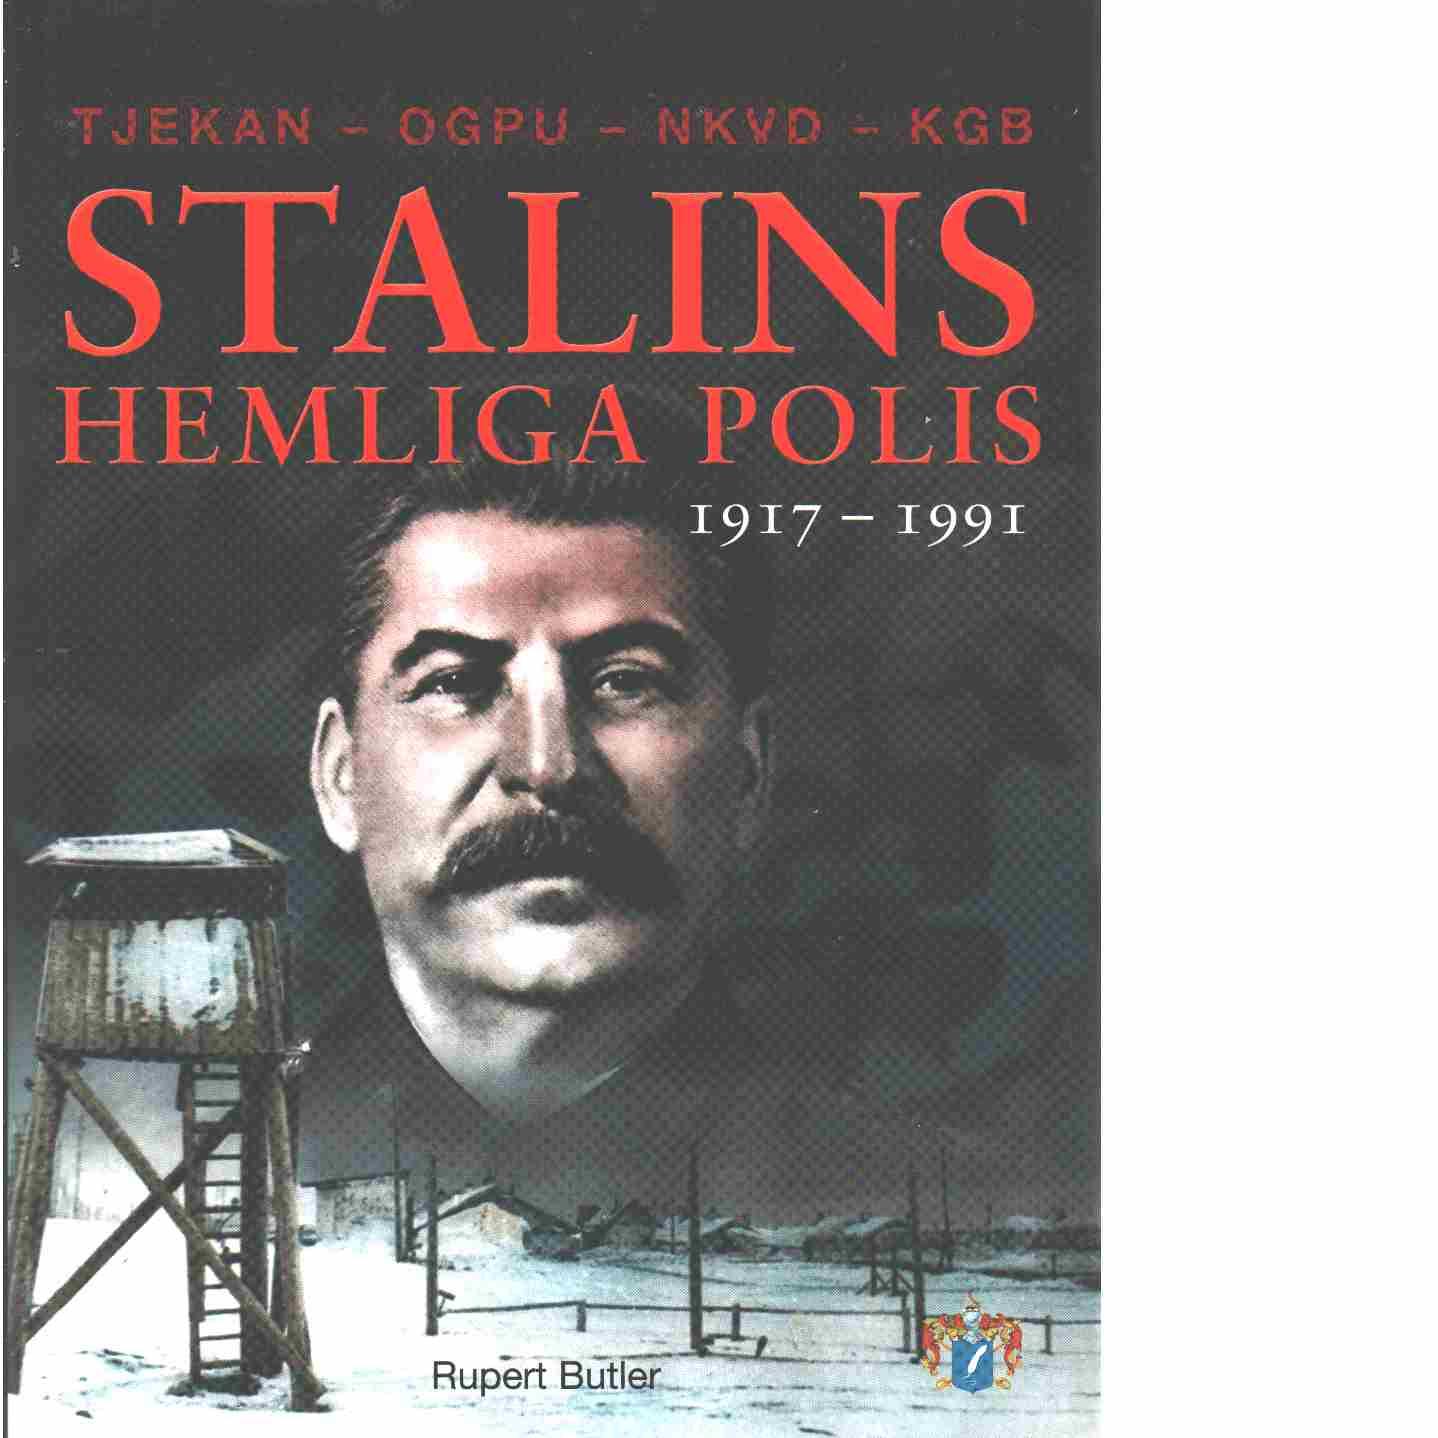 Stalins hemliga polis : Tjekan, OGPU, NKVD, KGB : från 1917 till 1991 - Butler, Rupert